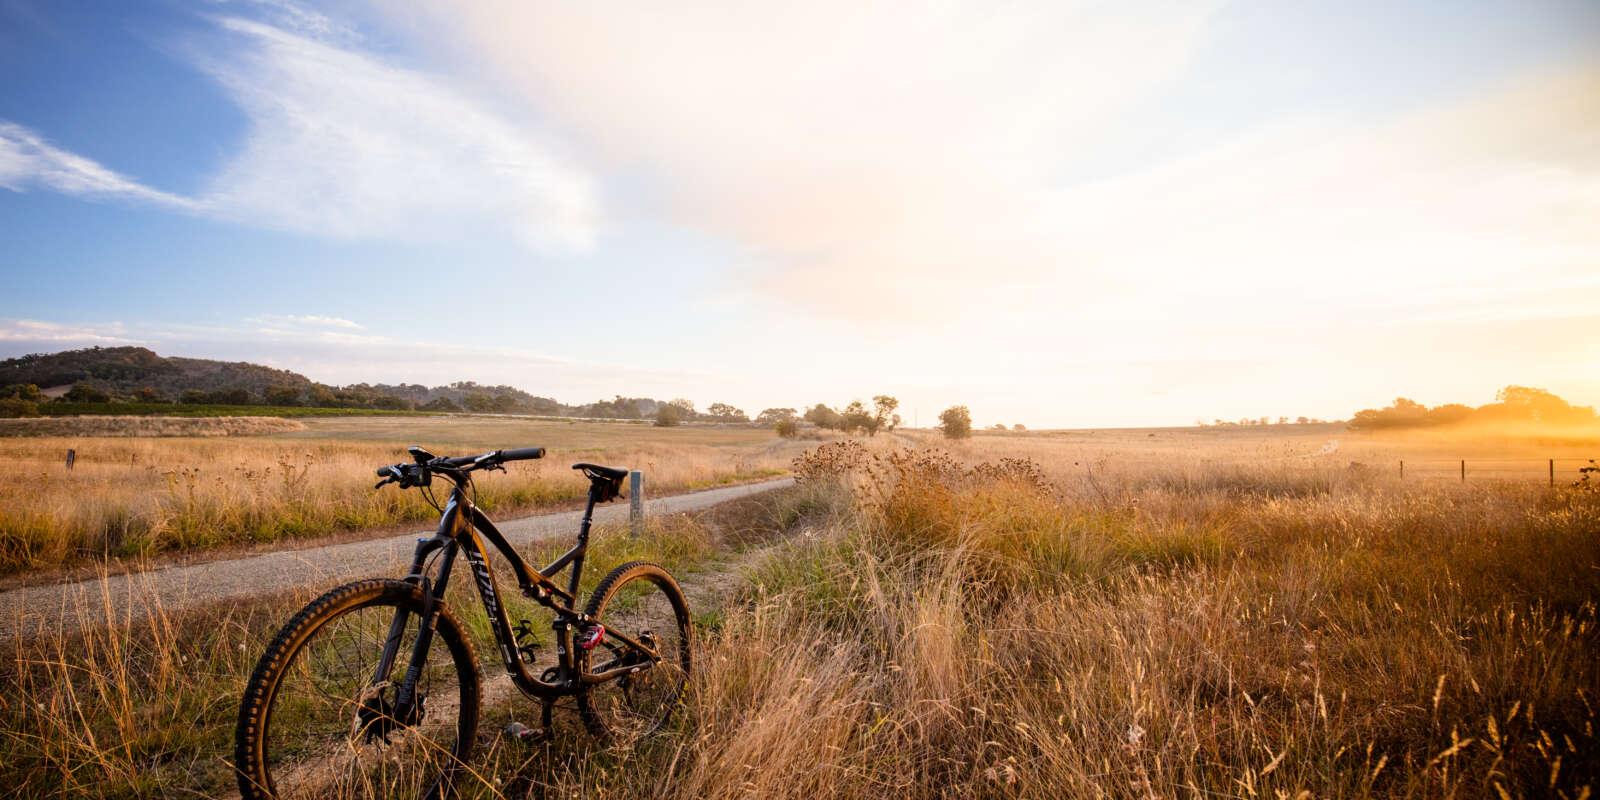 konserwacja roweru